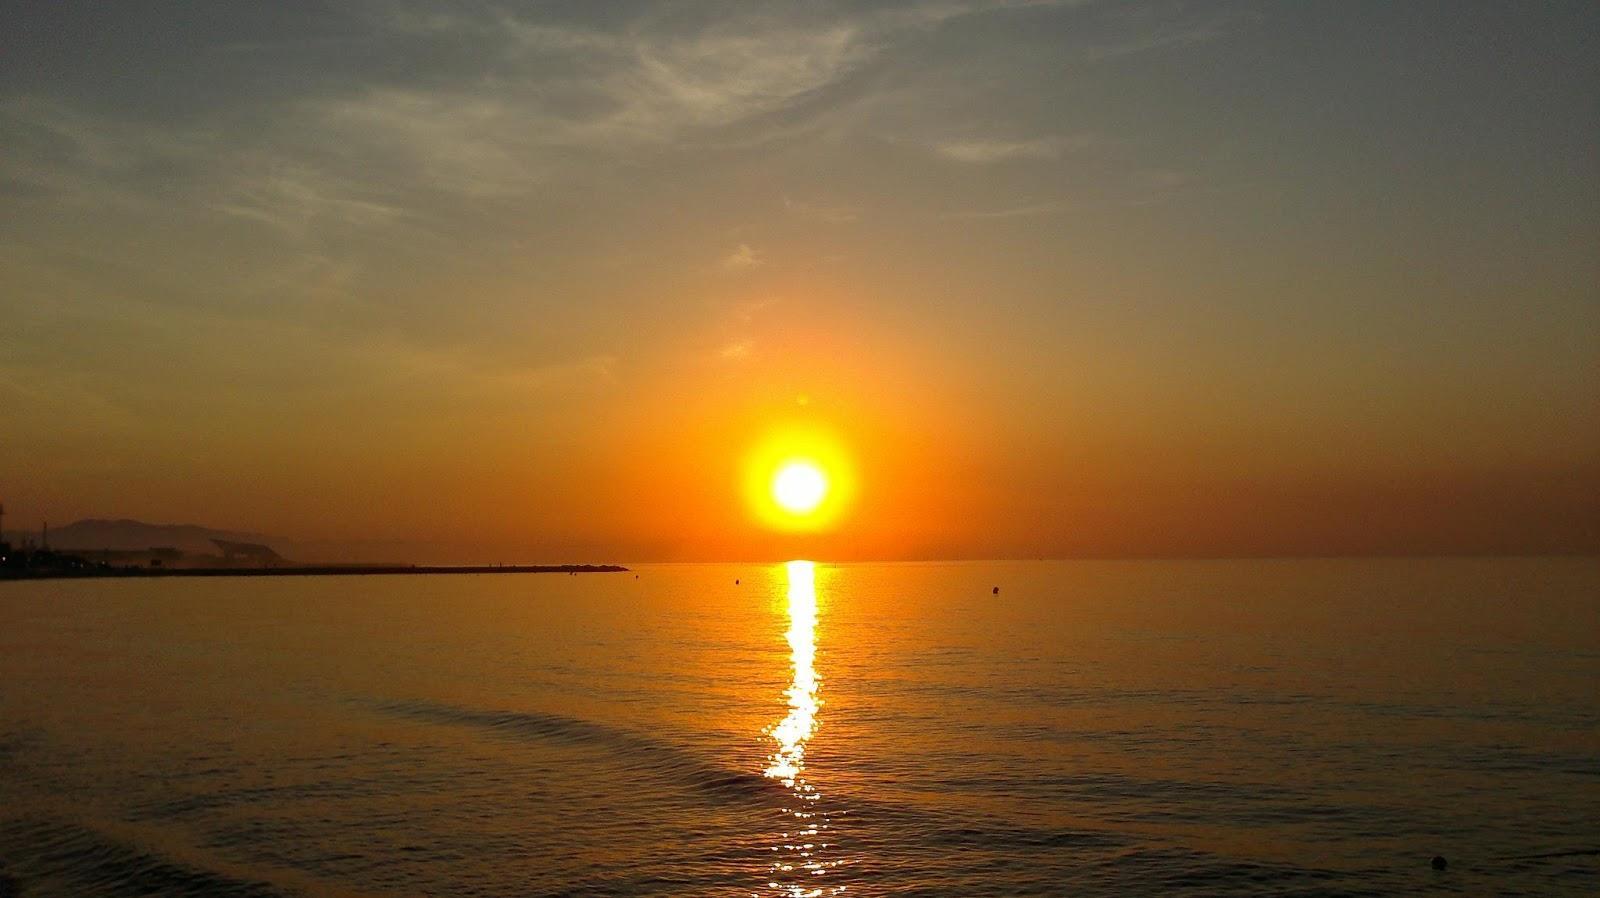 Barcelona la nit de sant joan y el solsticio de verano for Trabajos de verano barcelona